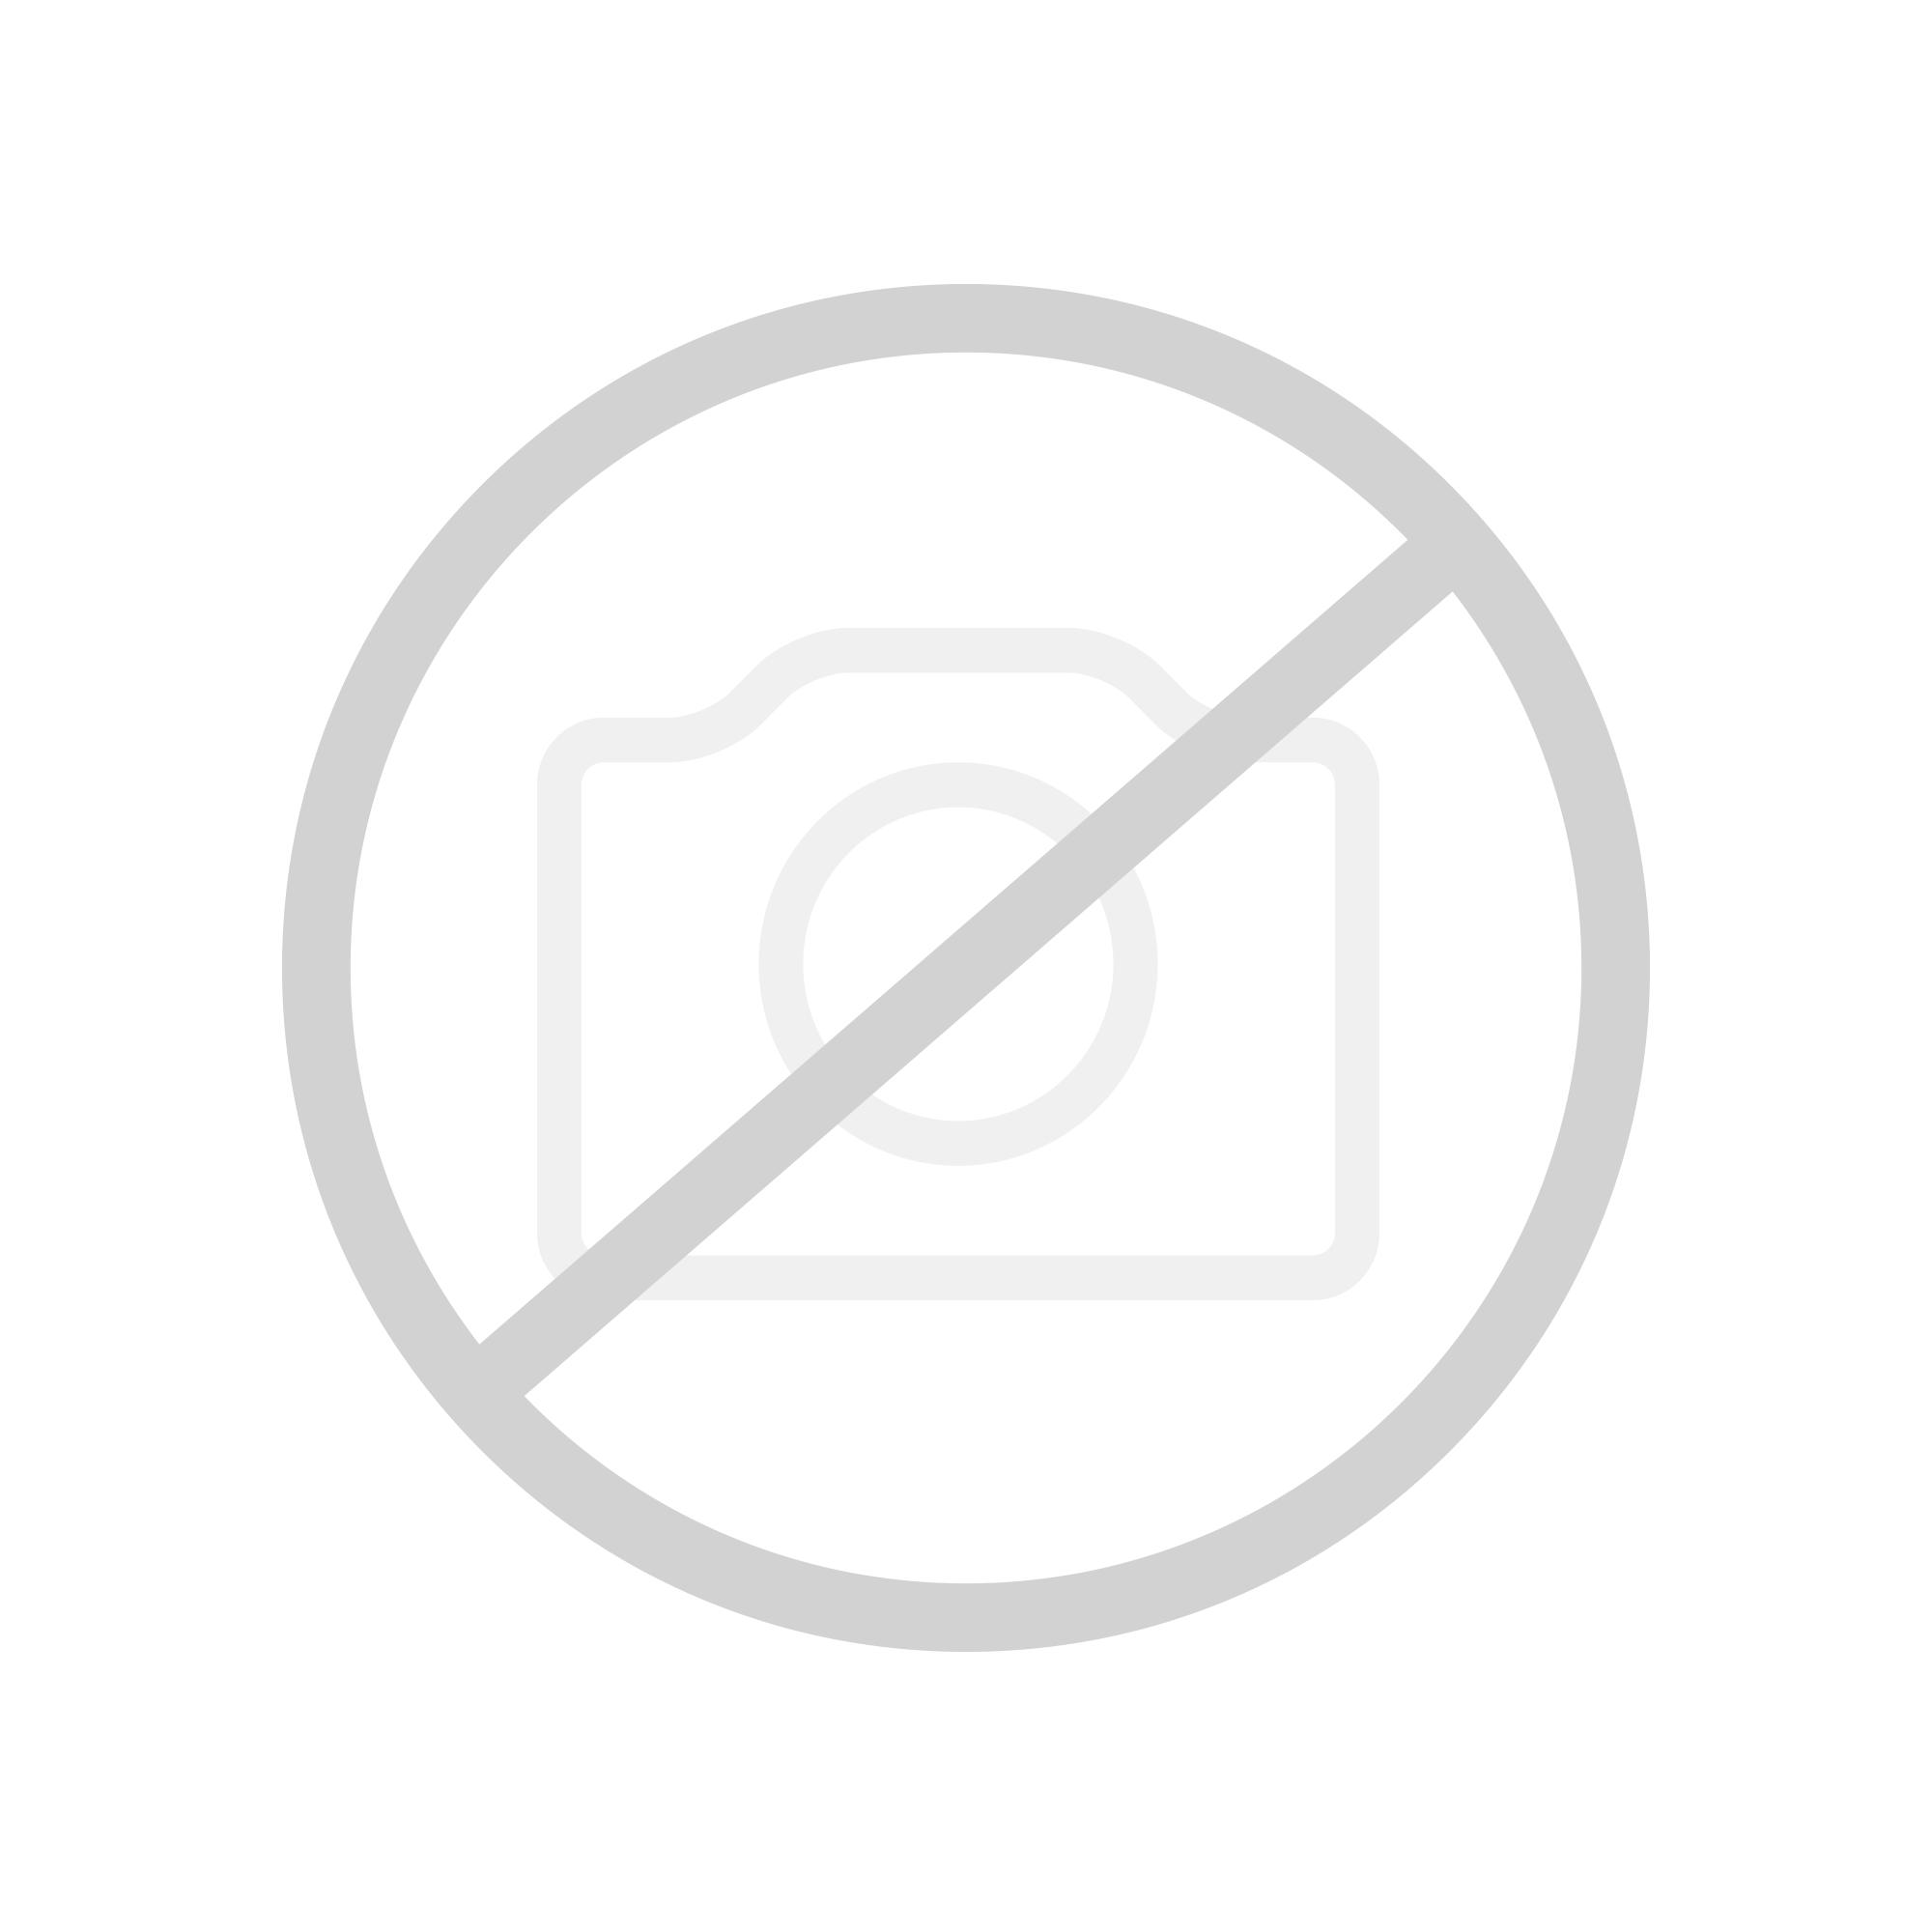 Keramag 4U Tiefspül-WC L: 53 B: 35,5 cm, wandhängend, ohne Spülrand weiß